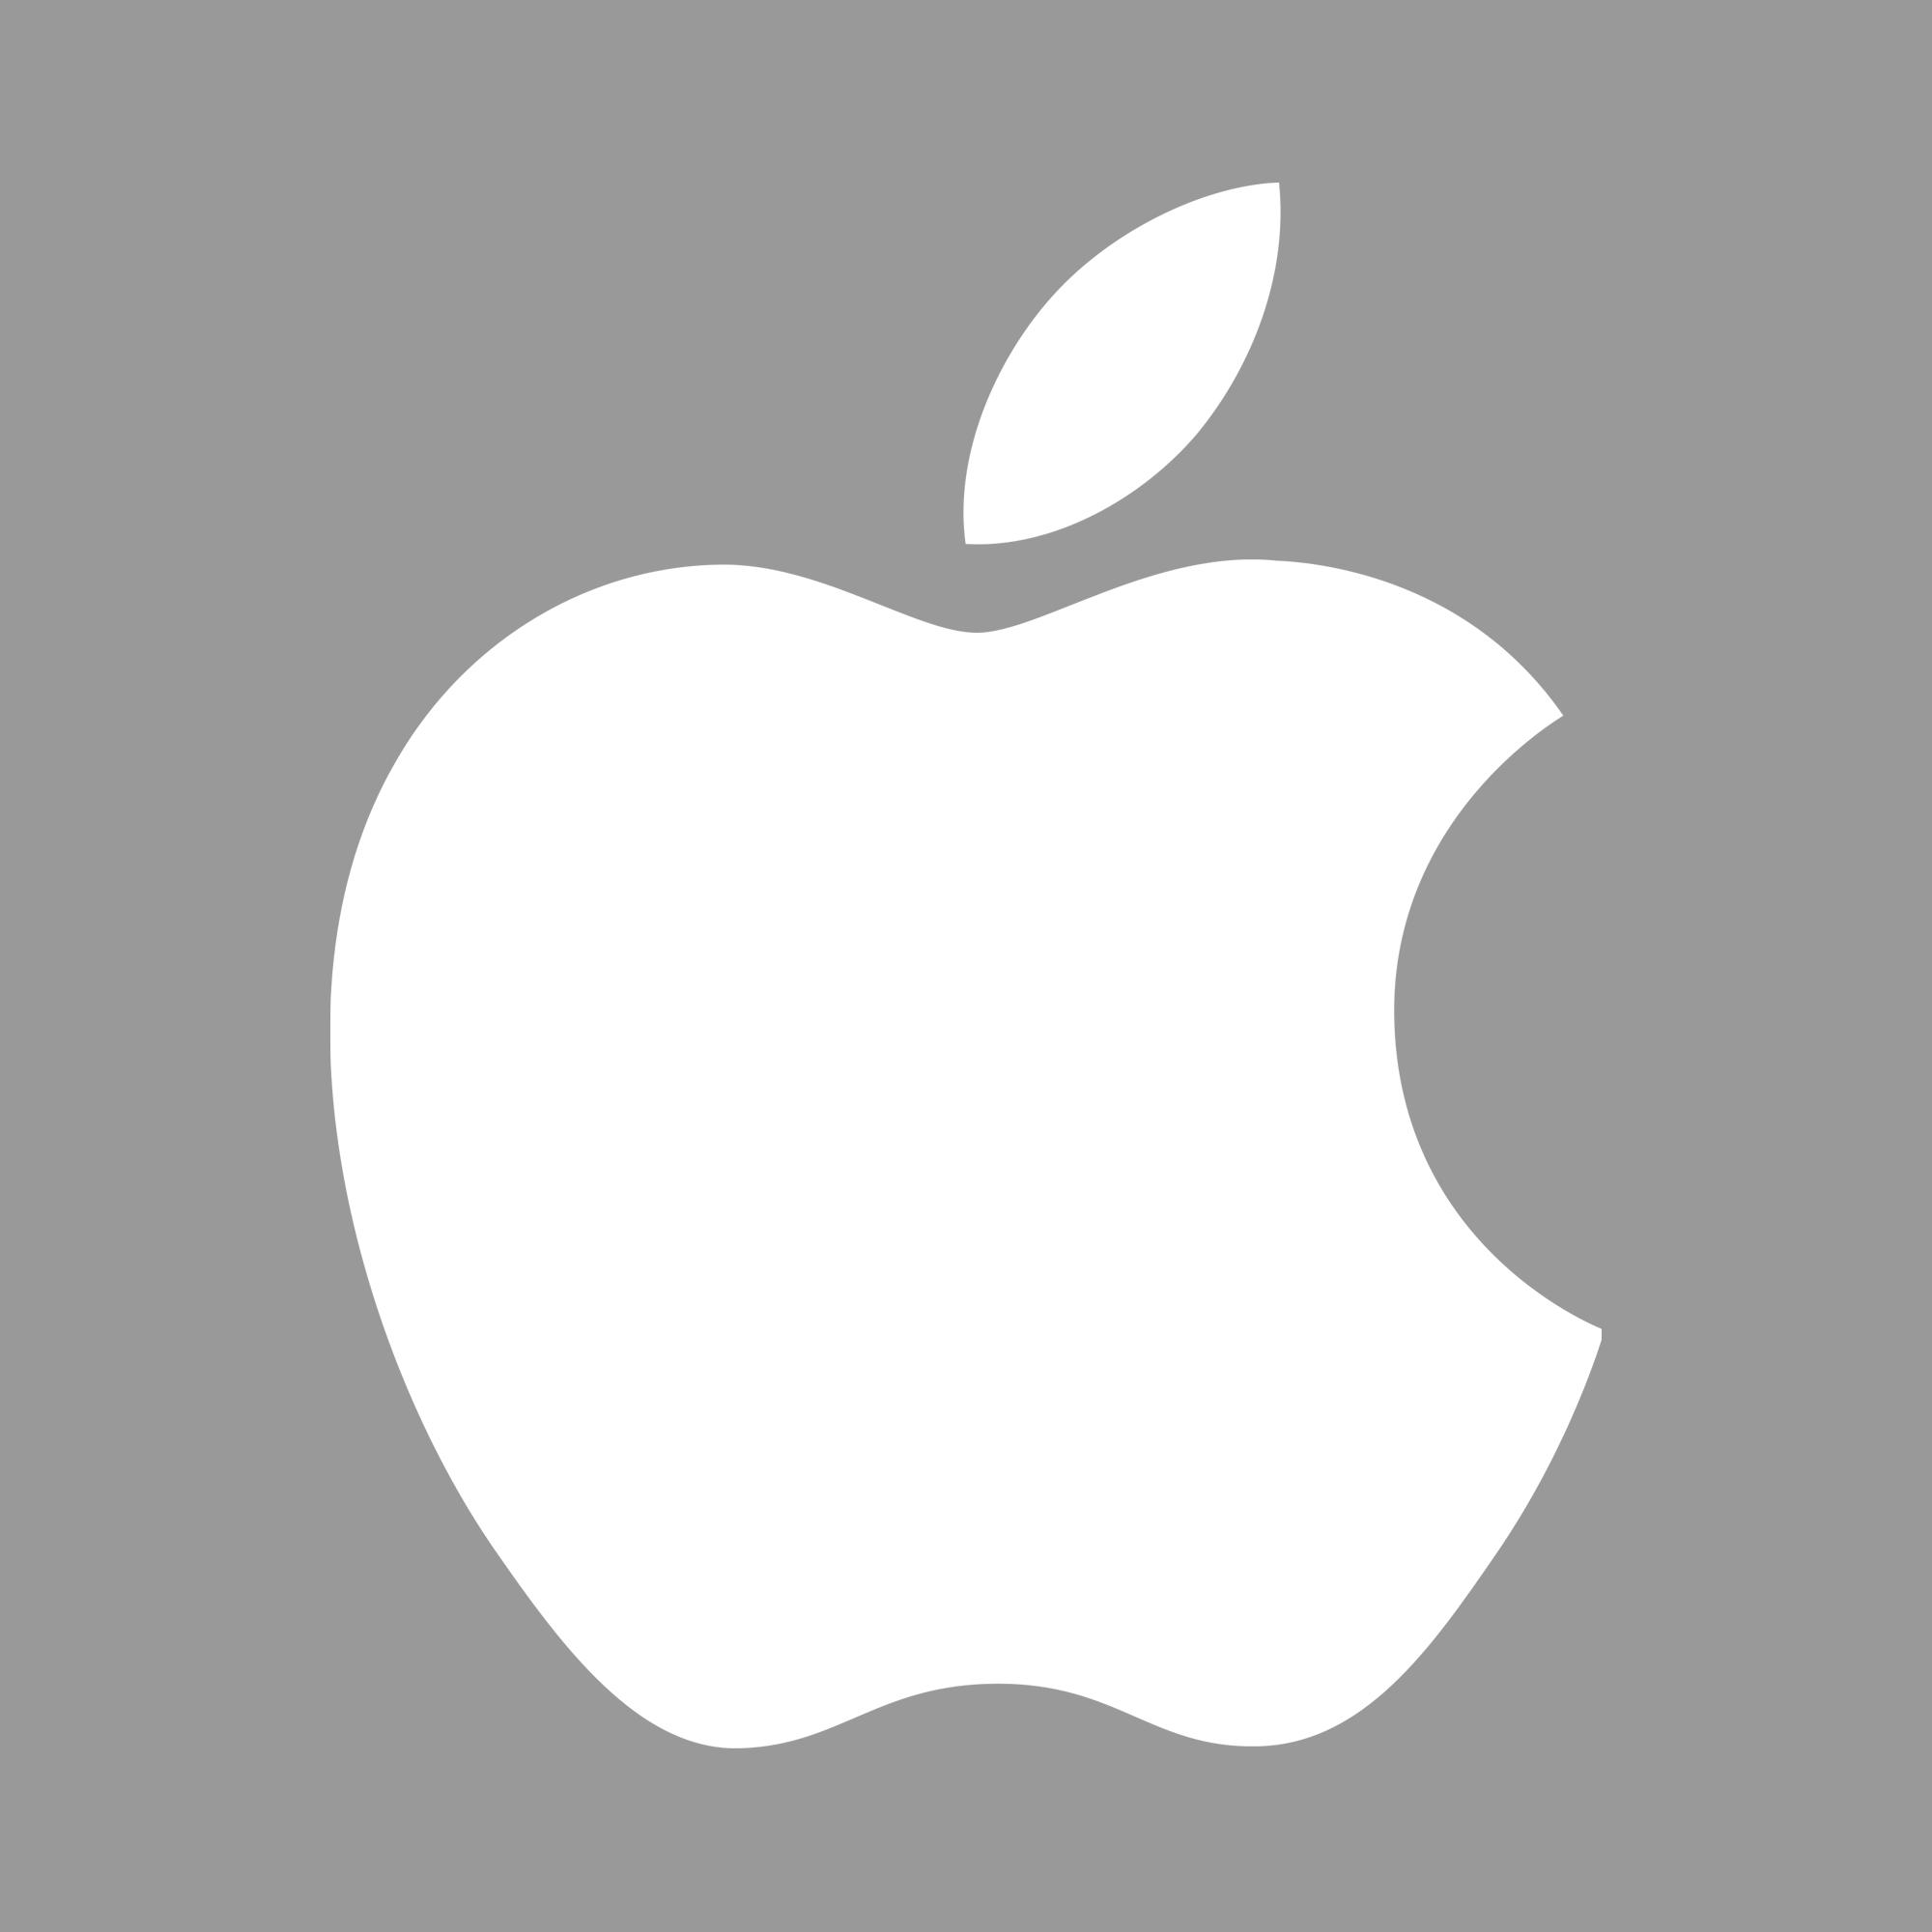 Apple Store: in Italia bilancio negativo, negozi in perdita